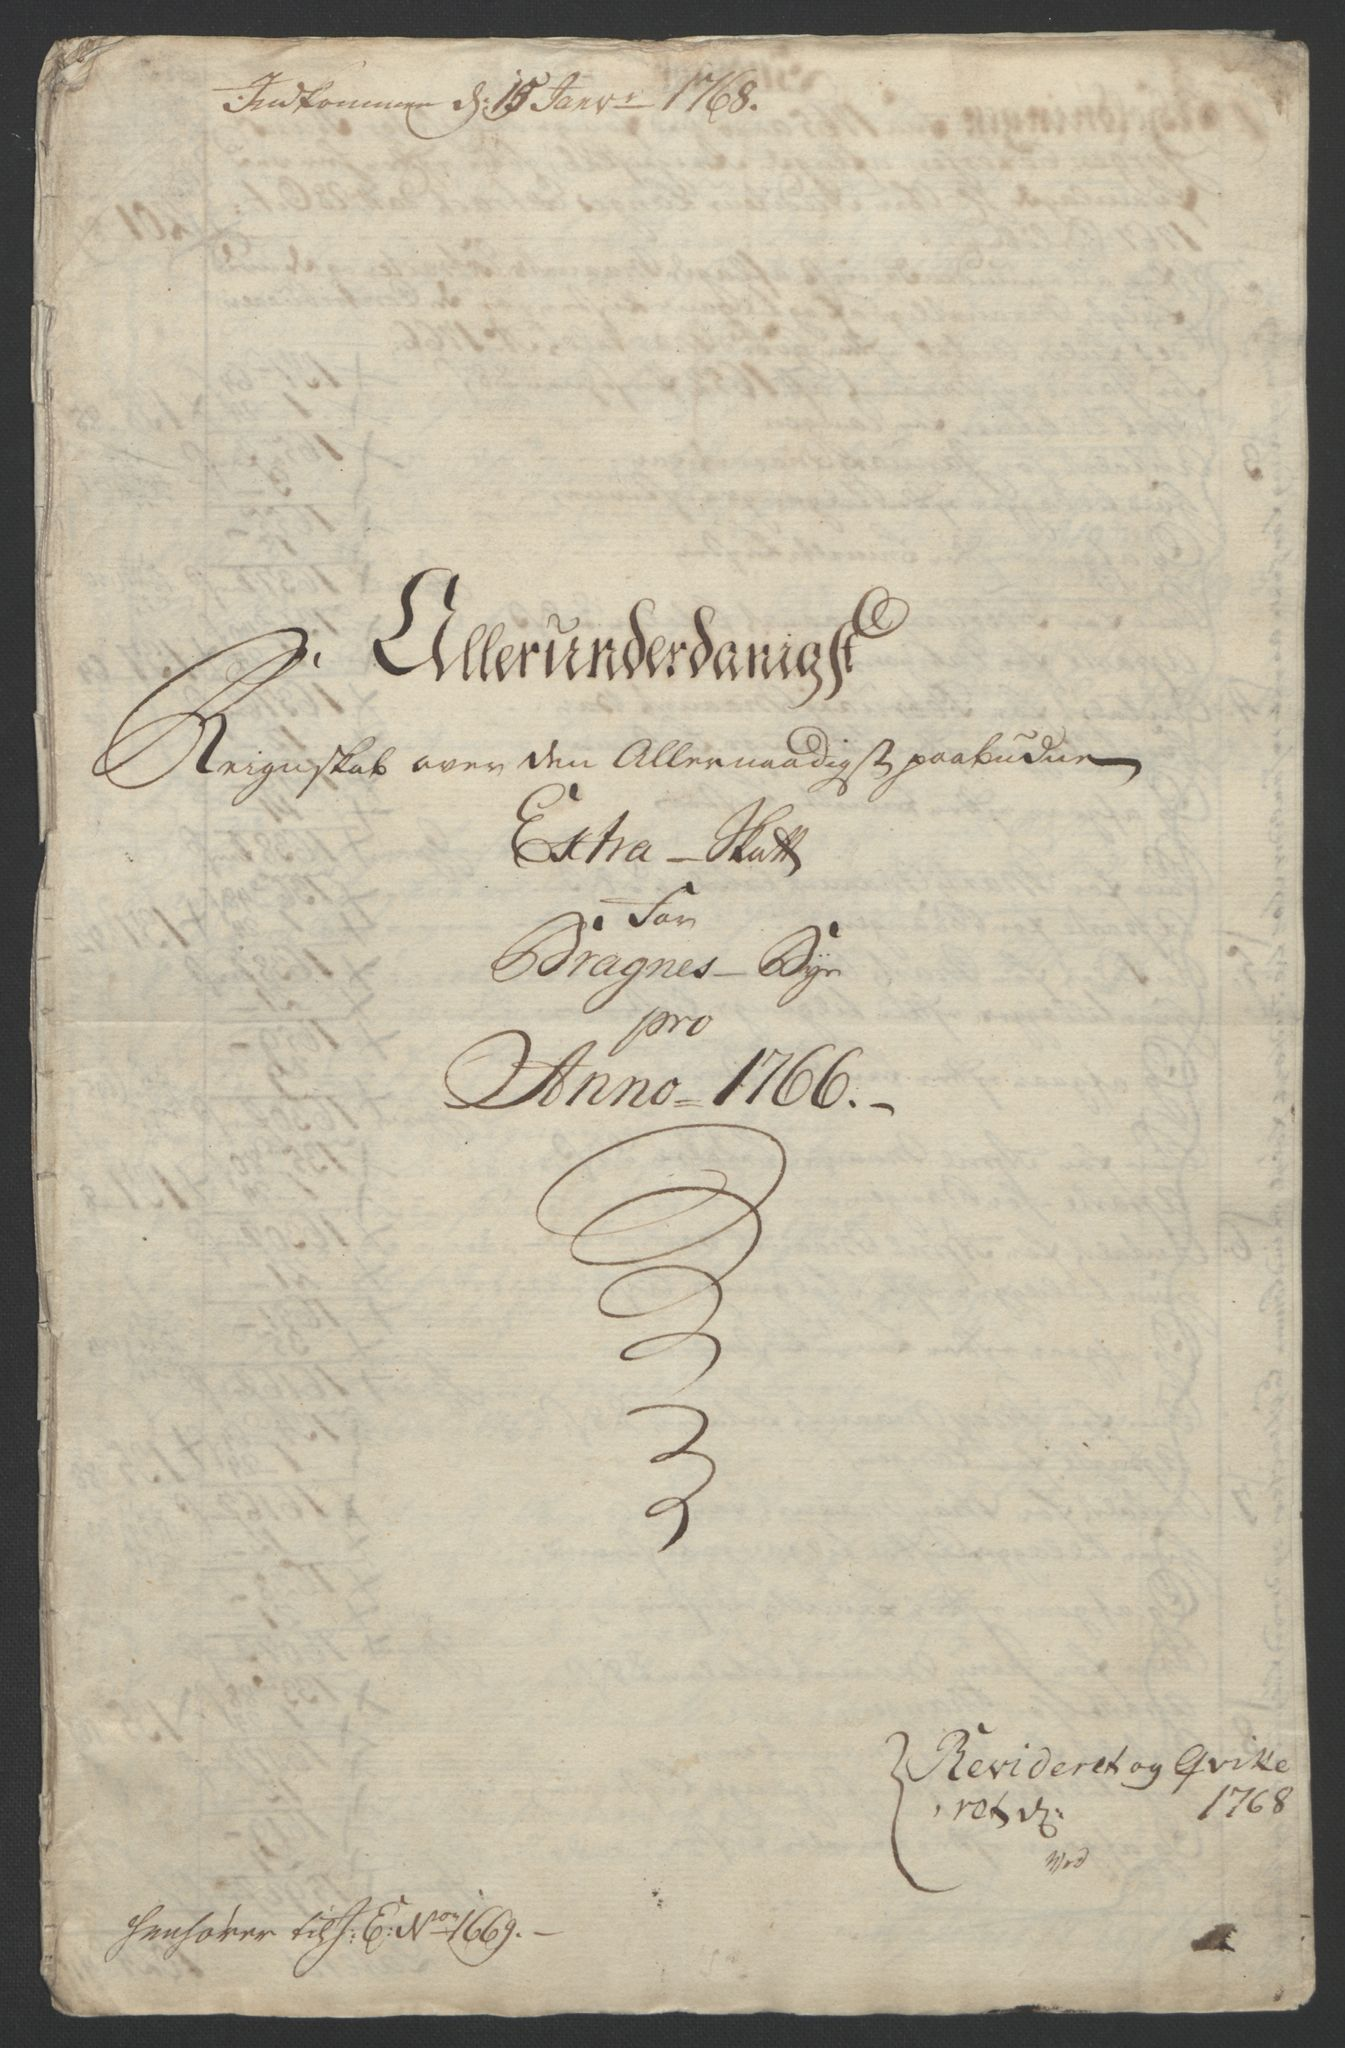 RA, Rentekammeret inntil 1814, Reviderte regnskaper, Byregnskaper, R/Rf/L0119: [F2] Kontribusjonsregnskap, 1762-1767, s. 353